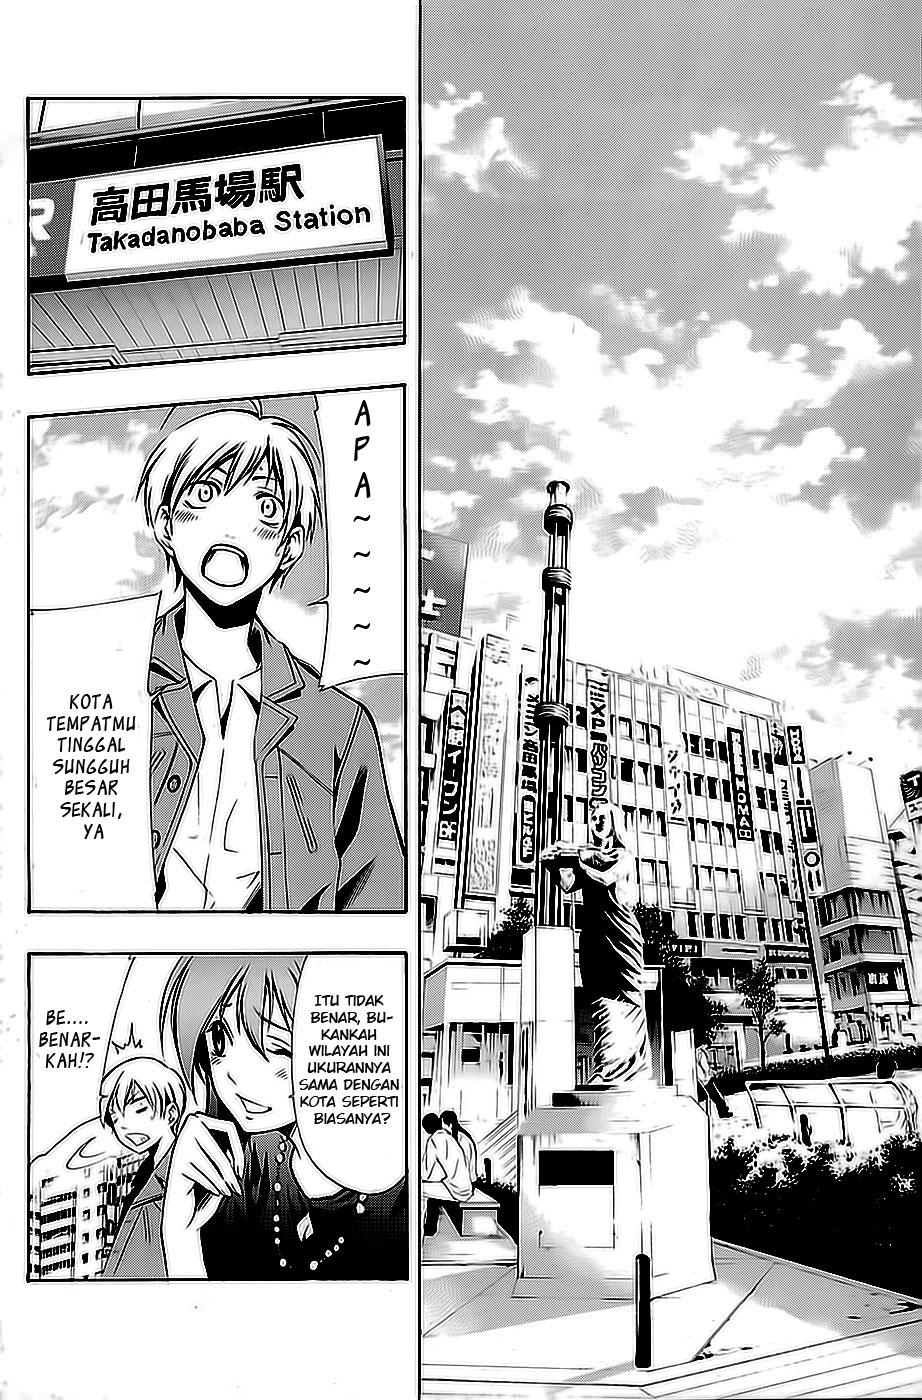 Komik kimi no iru machi 26 page 6